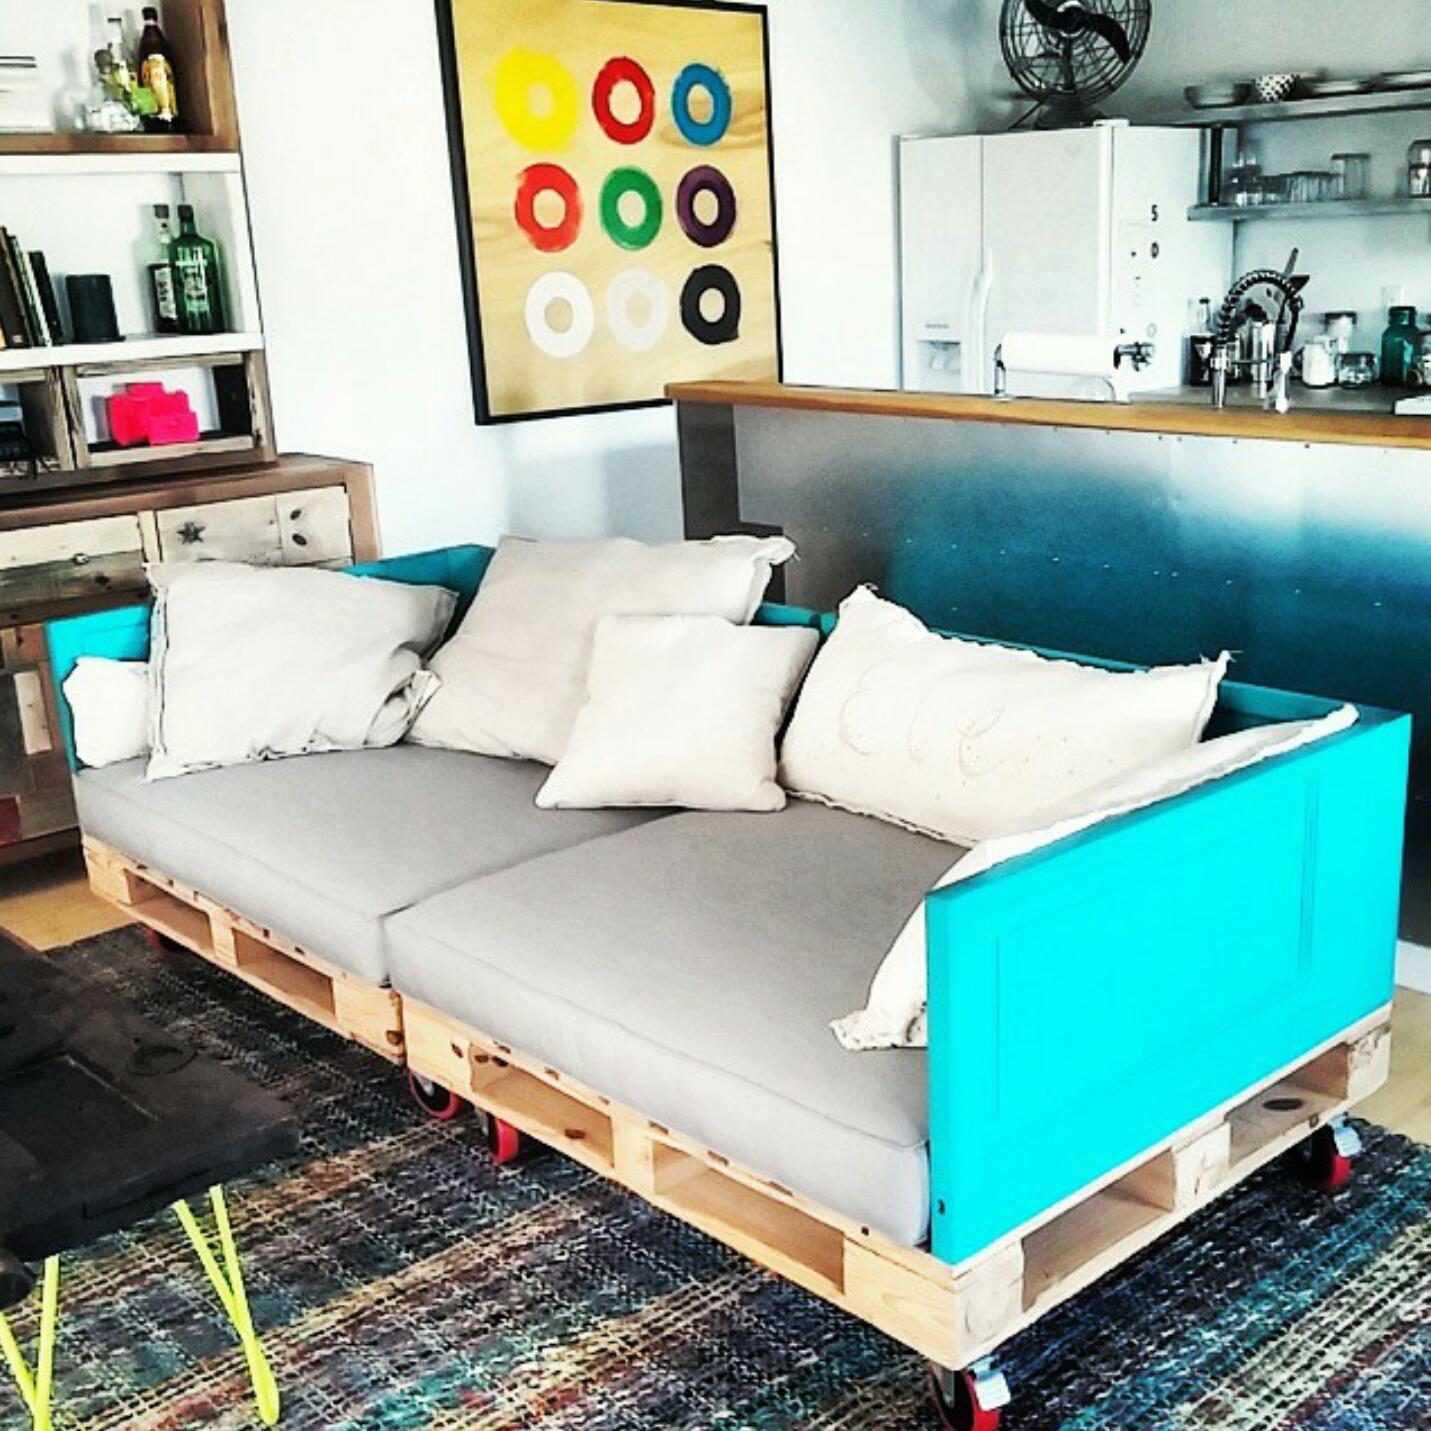 View In Gallery Pallet Kitar Semula Untuk Dijadikan Diy Sofa Dengan Kusyen